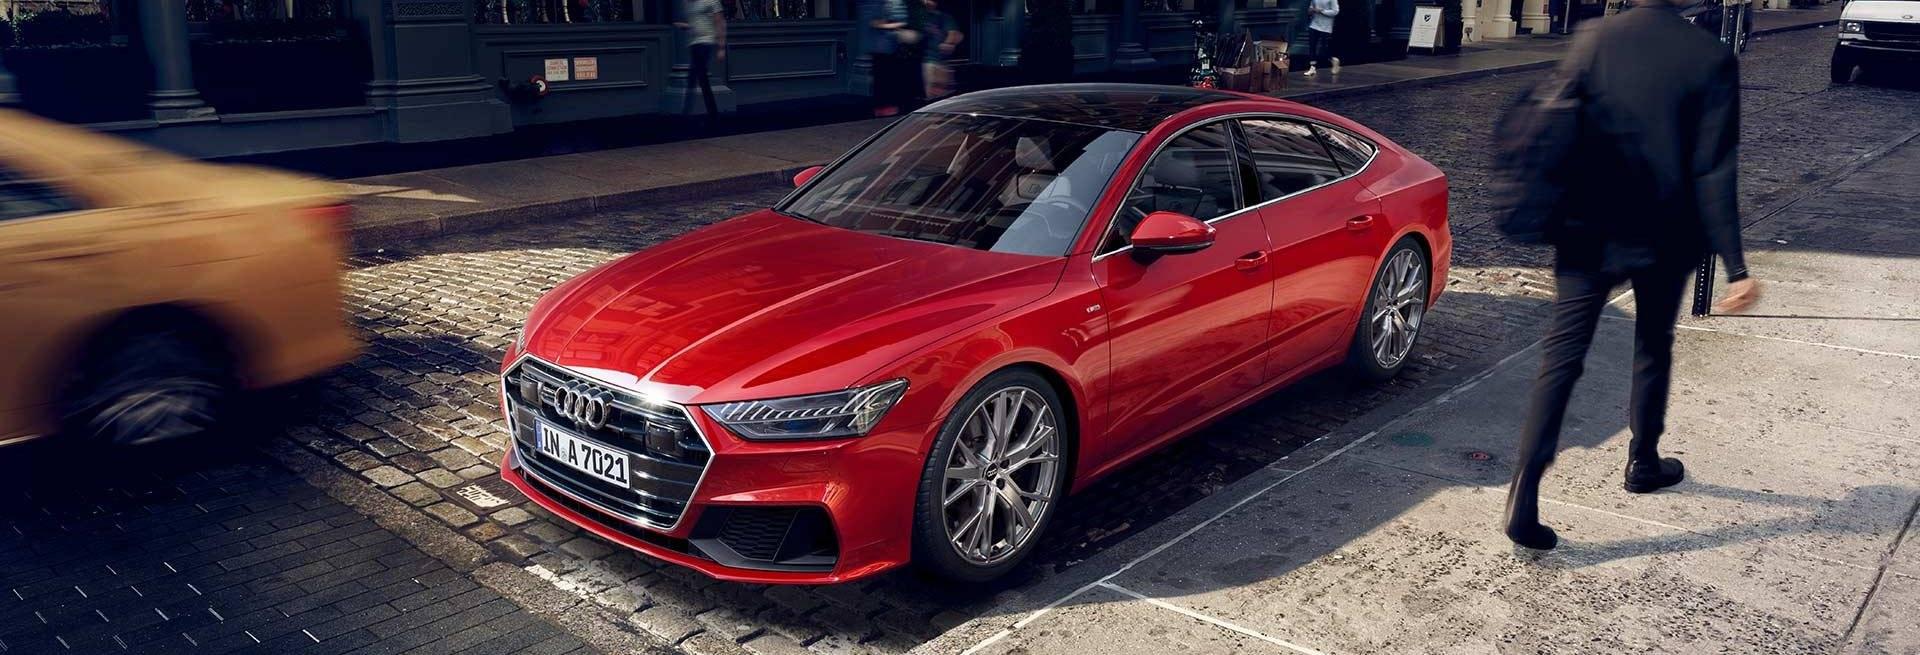 Nouvelle Audi A7 Sportback 2018 rouge